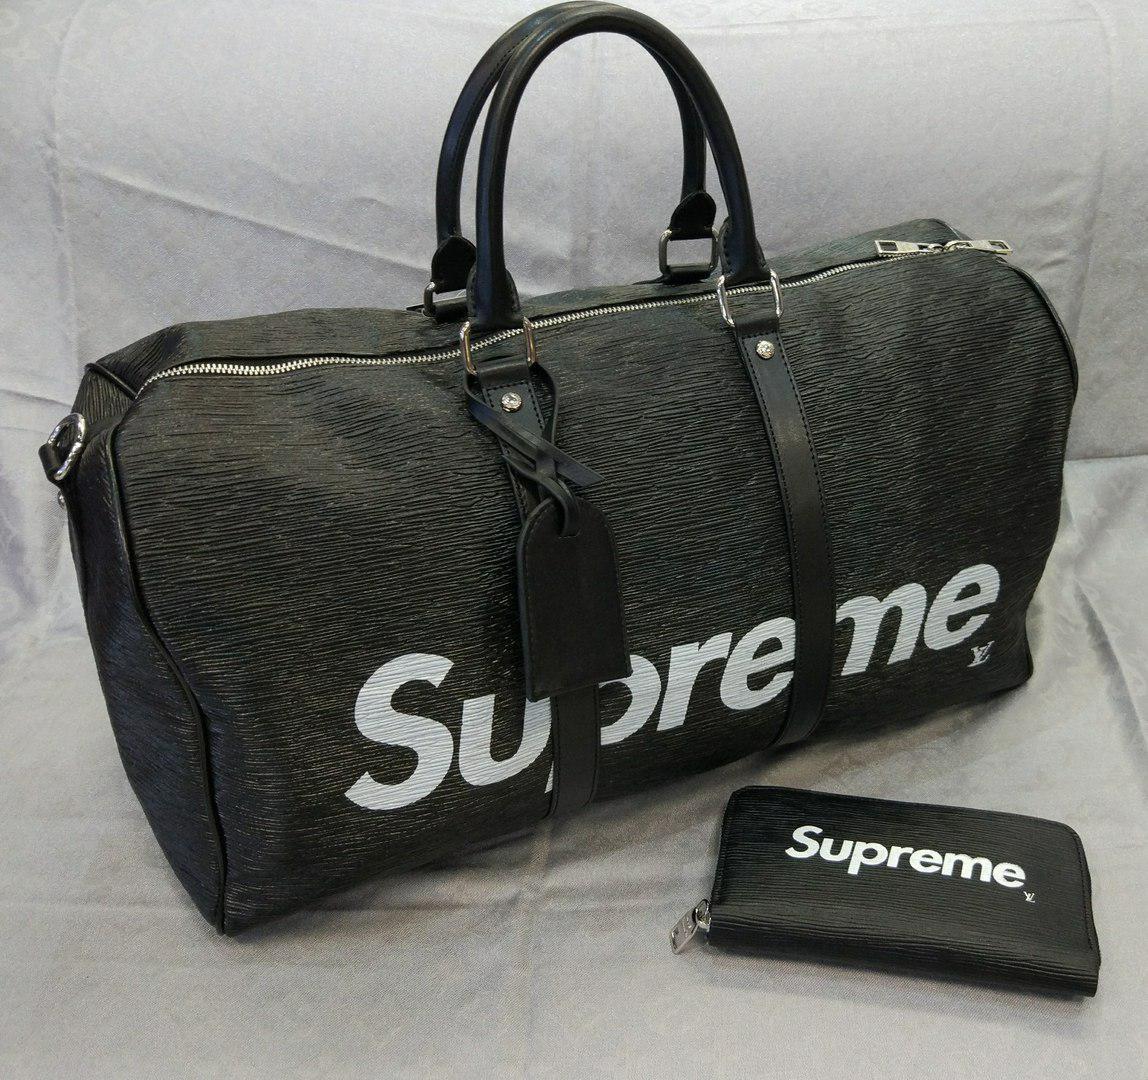 8c6a4f2f1c5f Дорожная сумка LOUIS VUITTON Supreme в расцветках - ЧЕМОДАНЧИК - самые  красивые сумочки по самой приятной